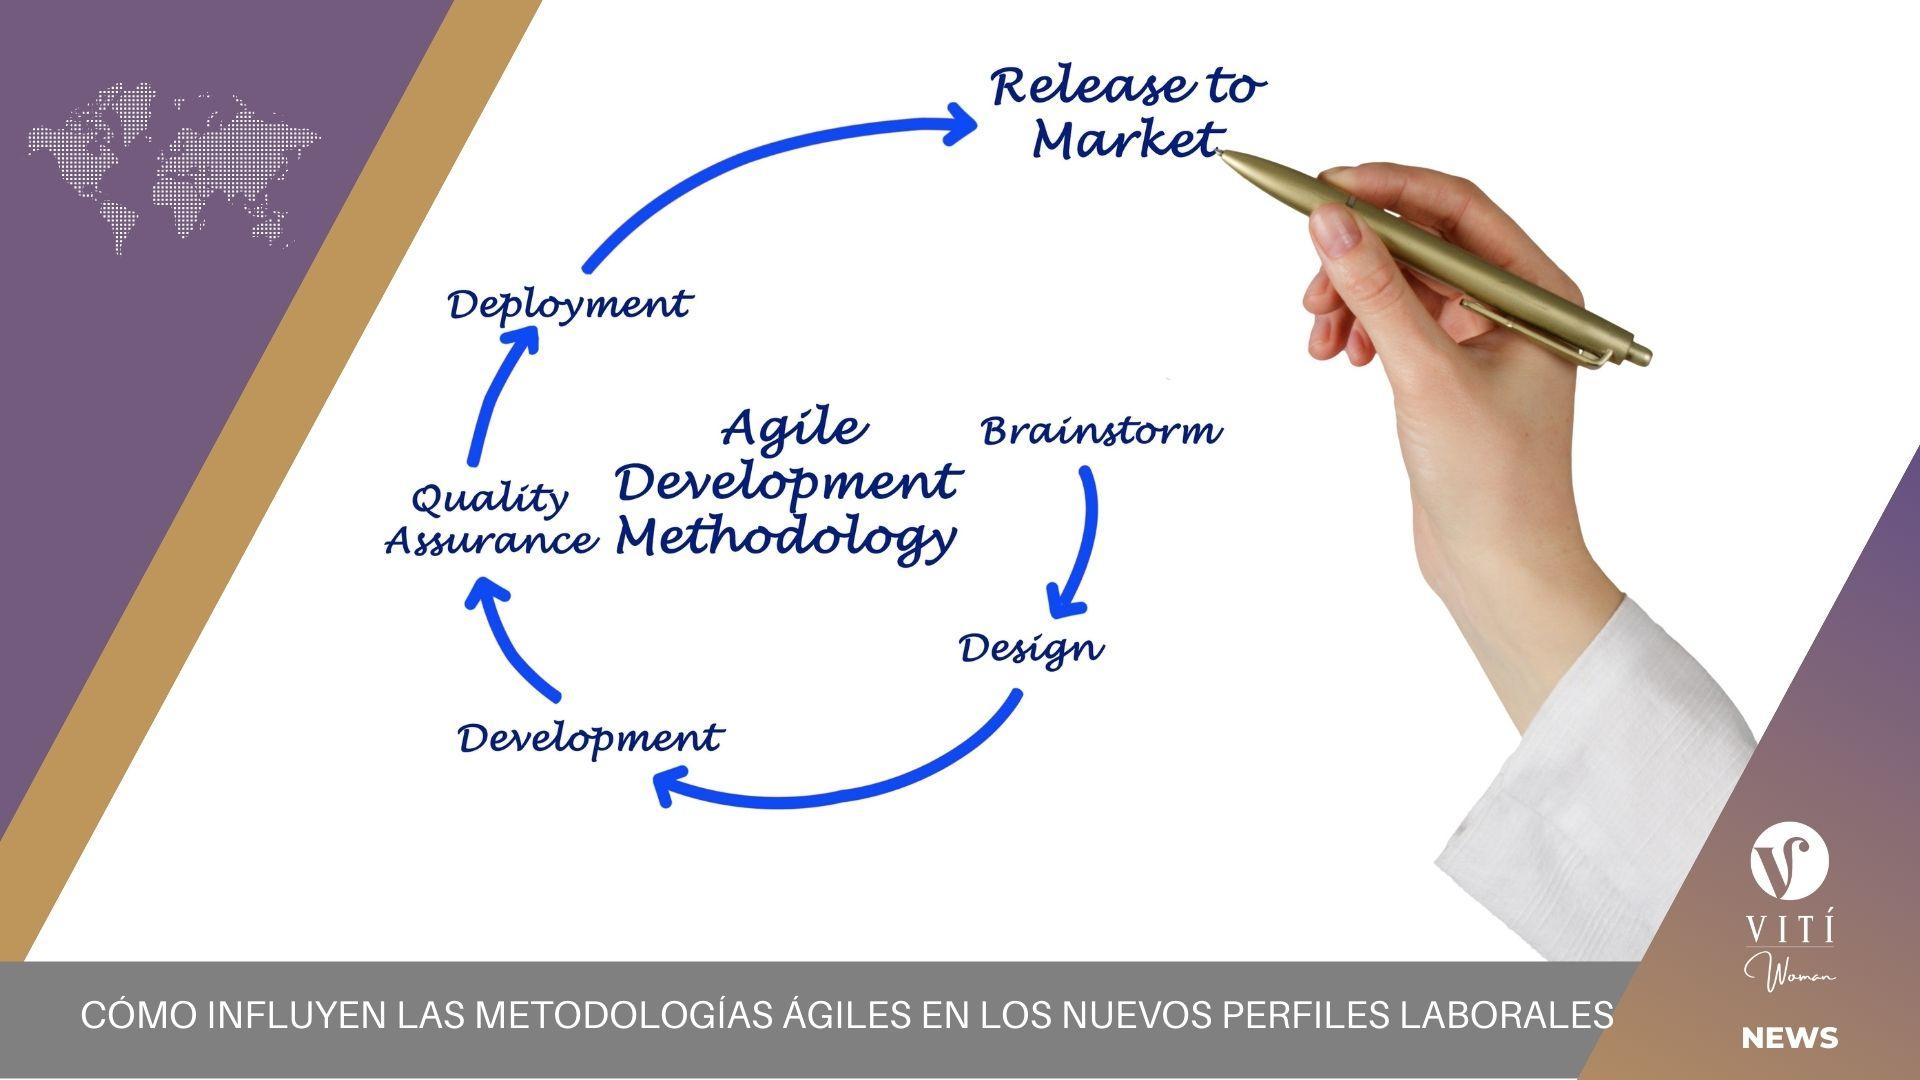 blog-vitiwoman-como-influyen-las-metodologias-agiles-en-los-nuevos-perfiles-laborales